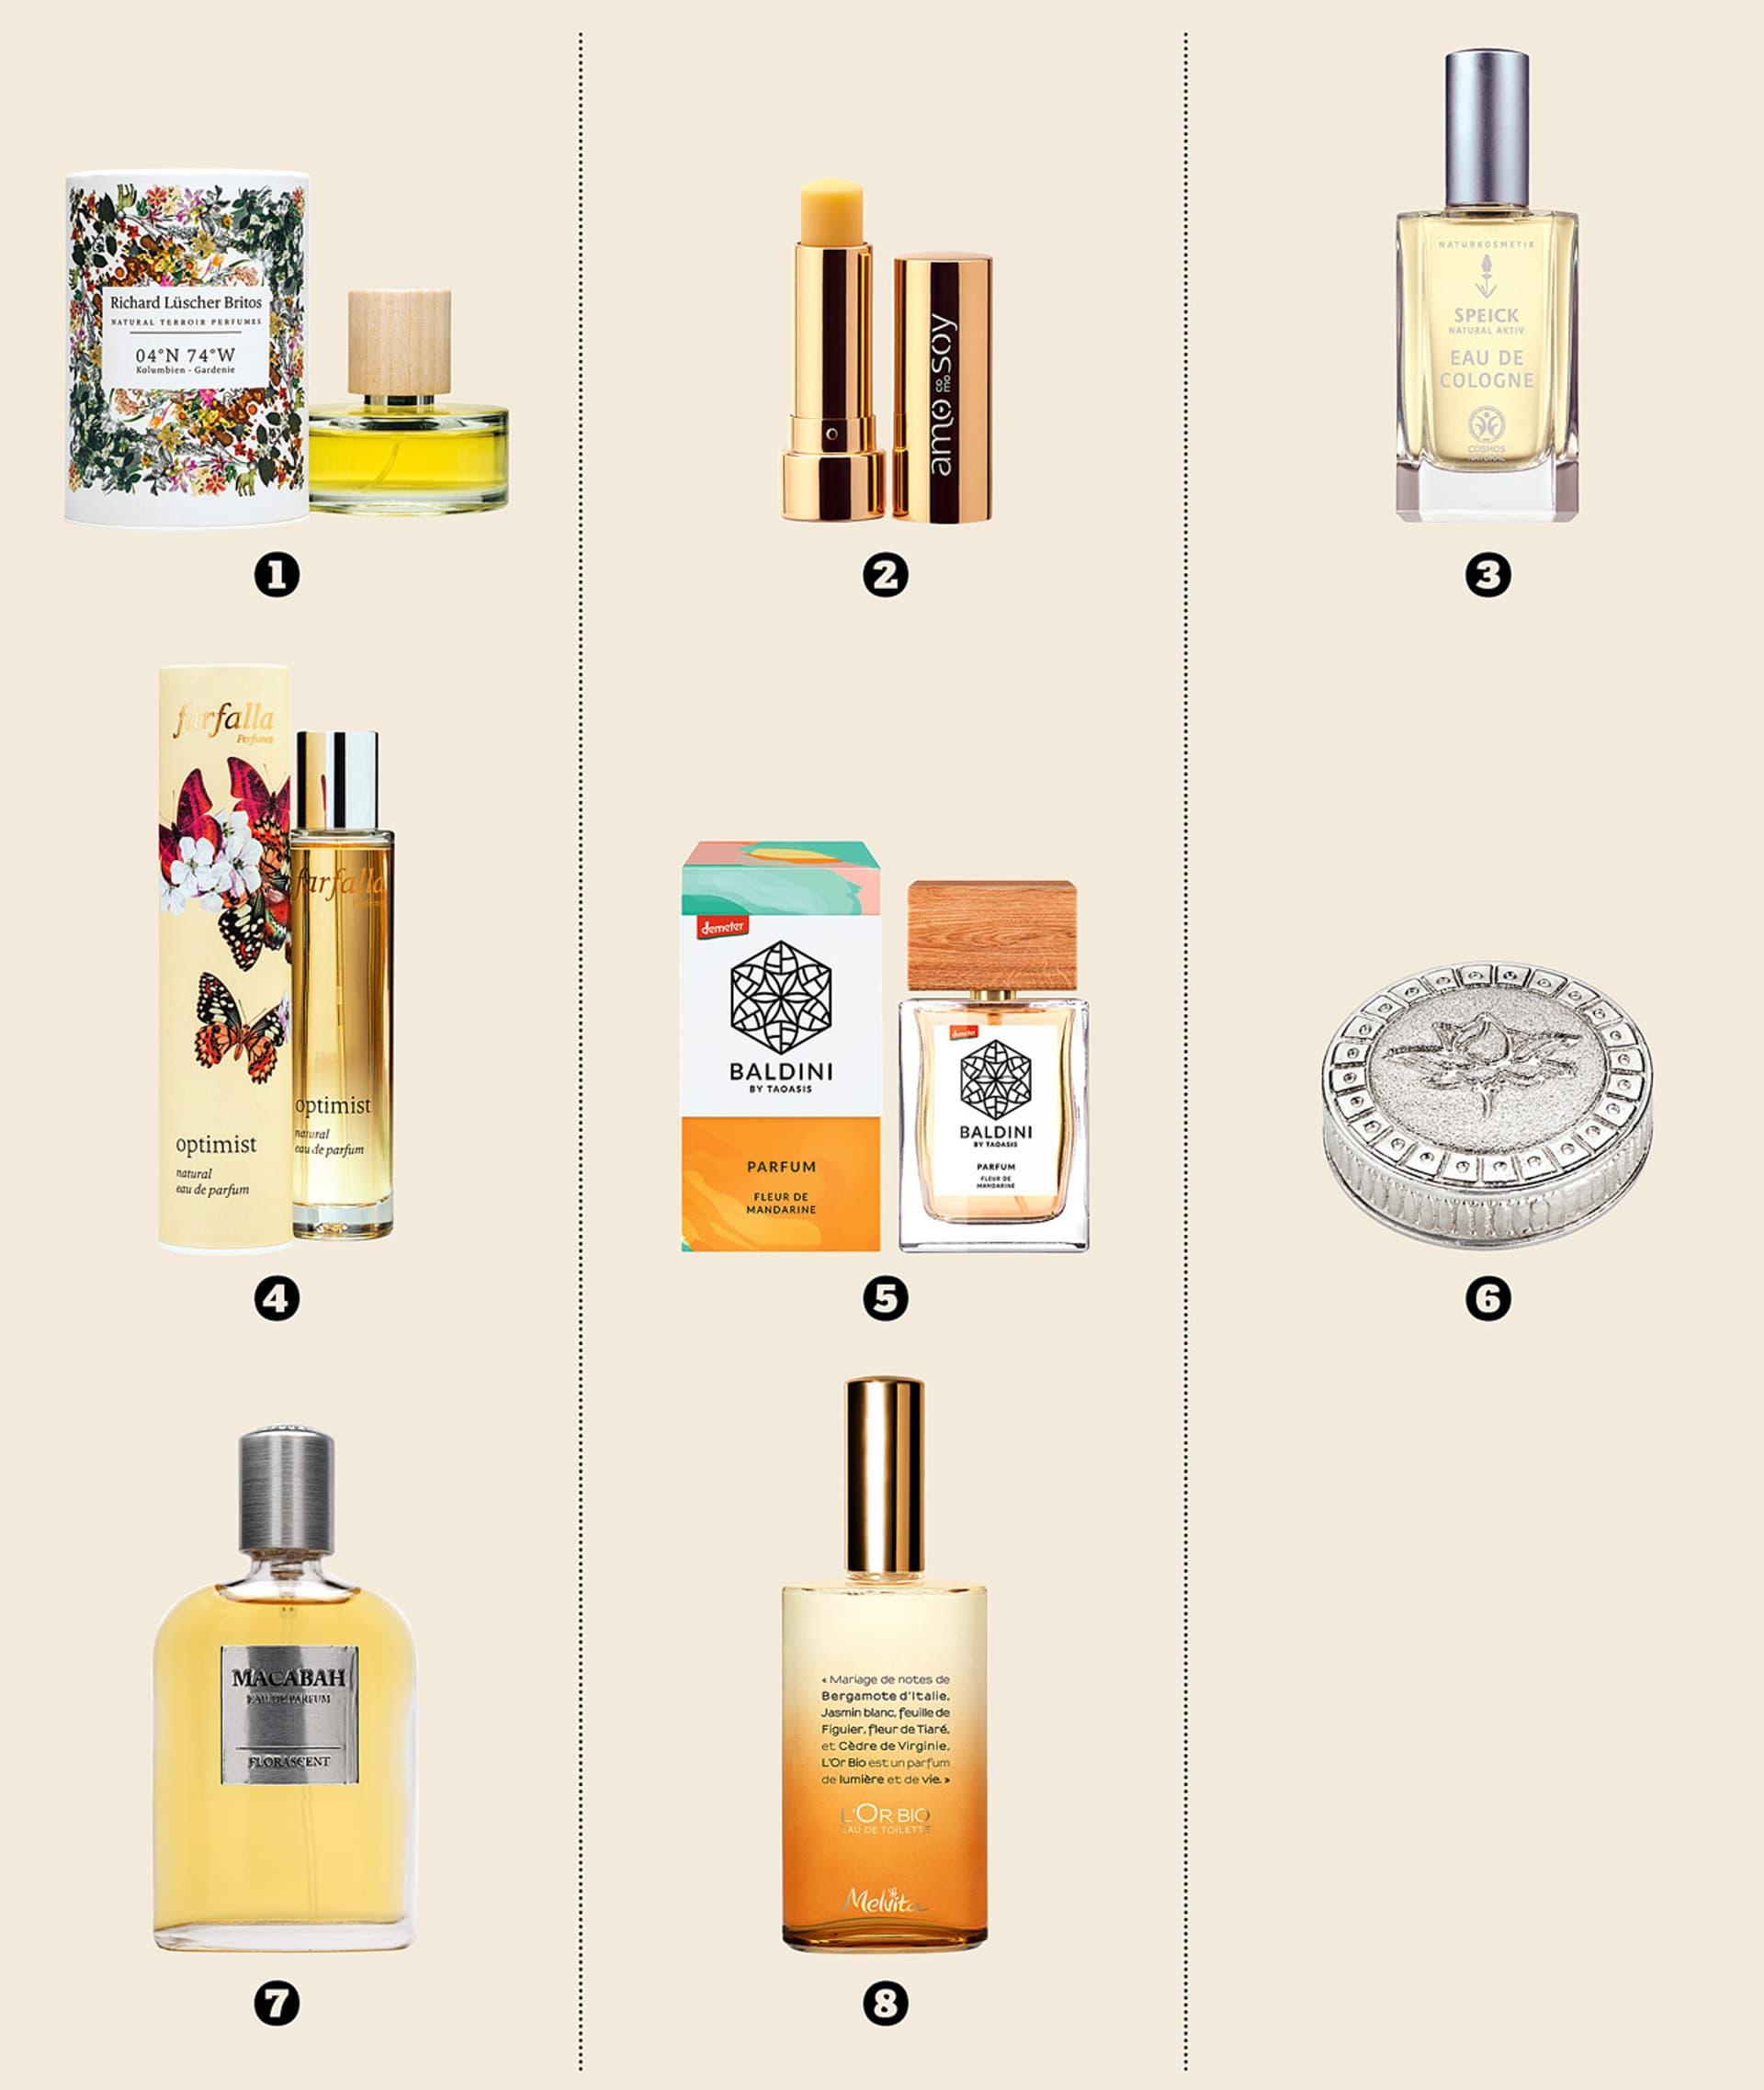 8 Naturperfums